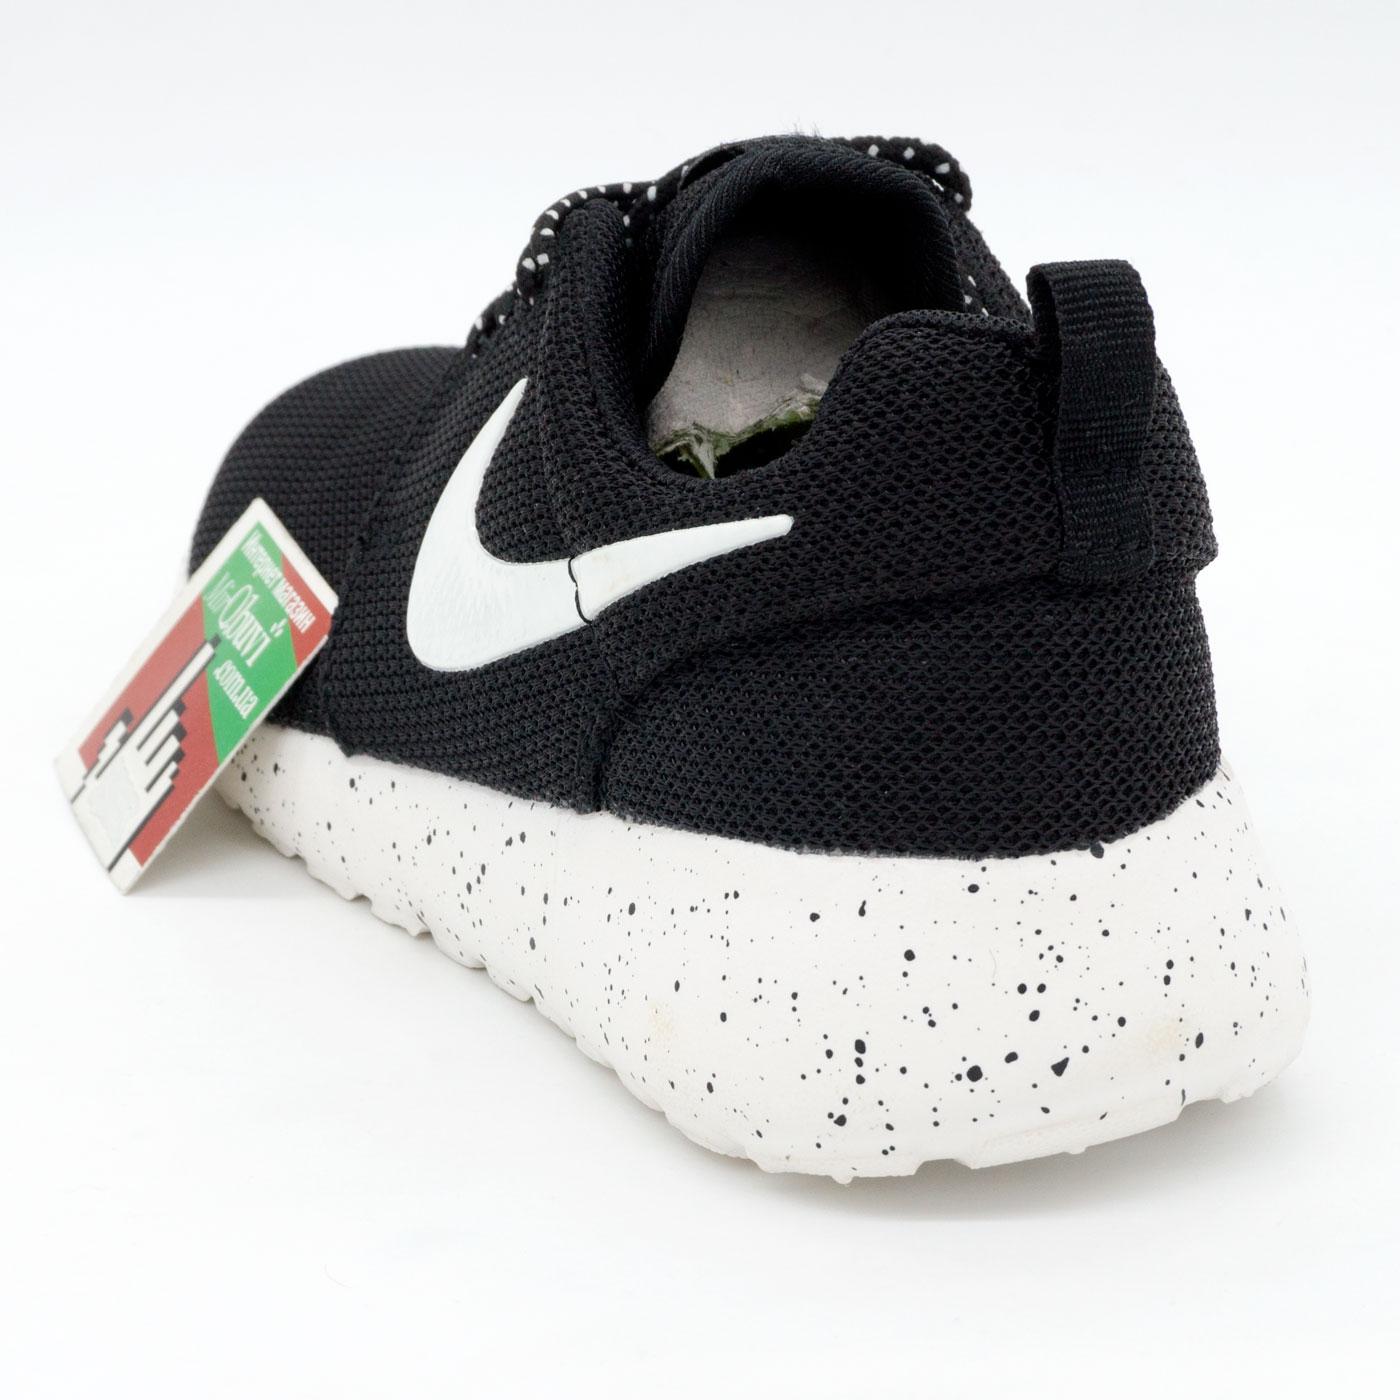 фото back Nike Roshe Run черно белые в крапинку. Топ качество!!! back